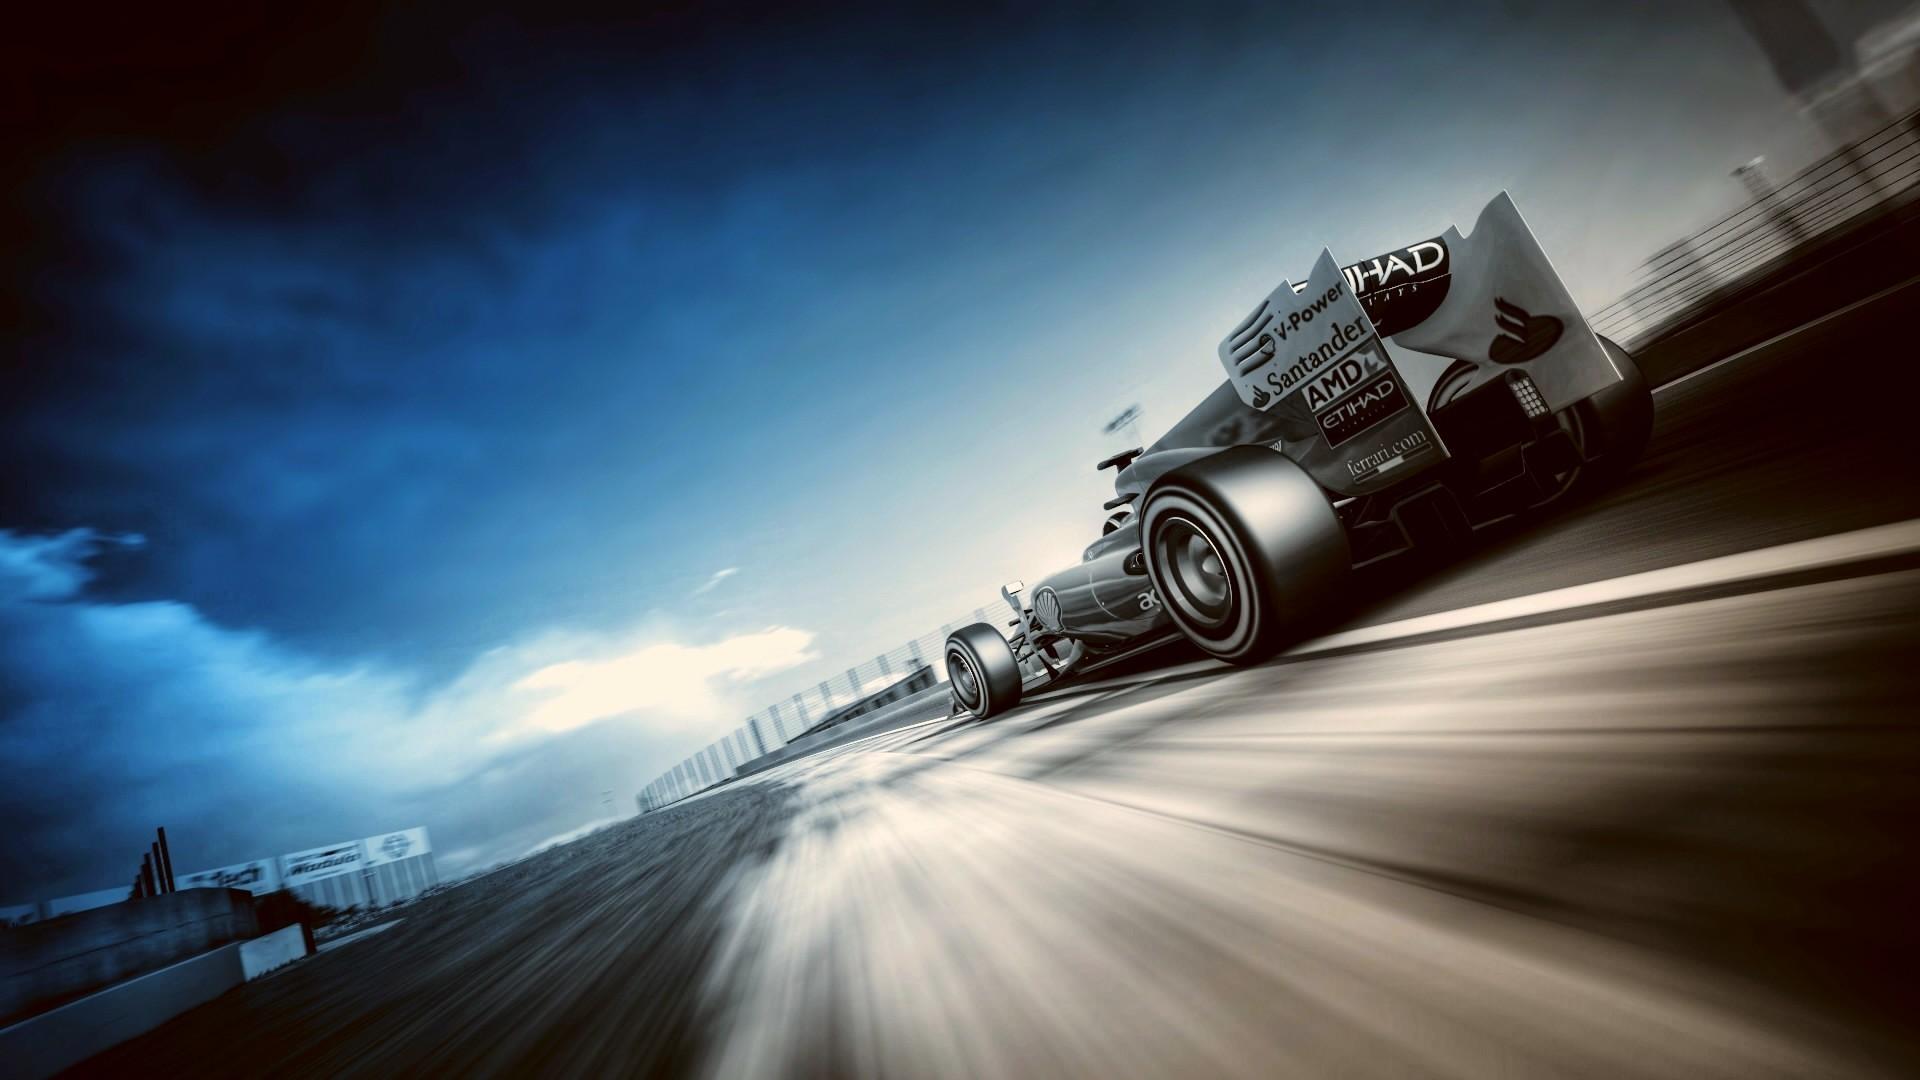 Res: 1920x1080, Download F1 Car Motion Wallpaper HD.